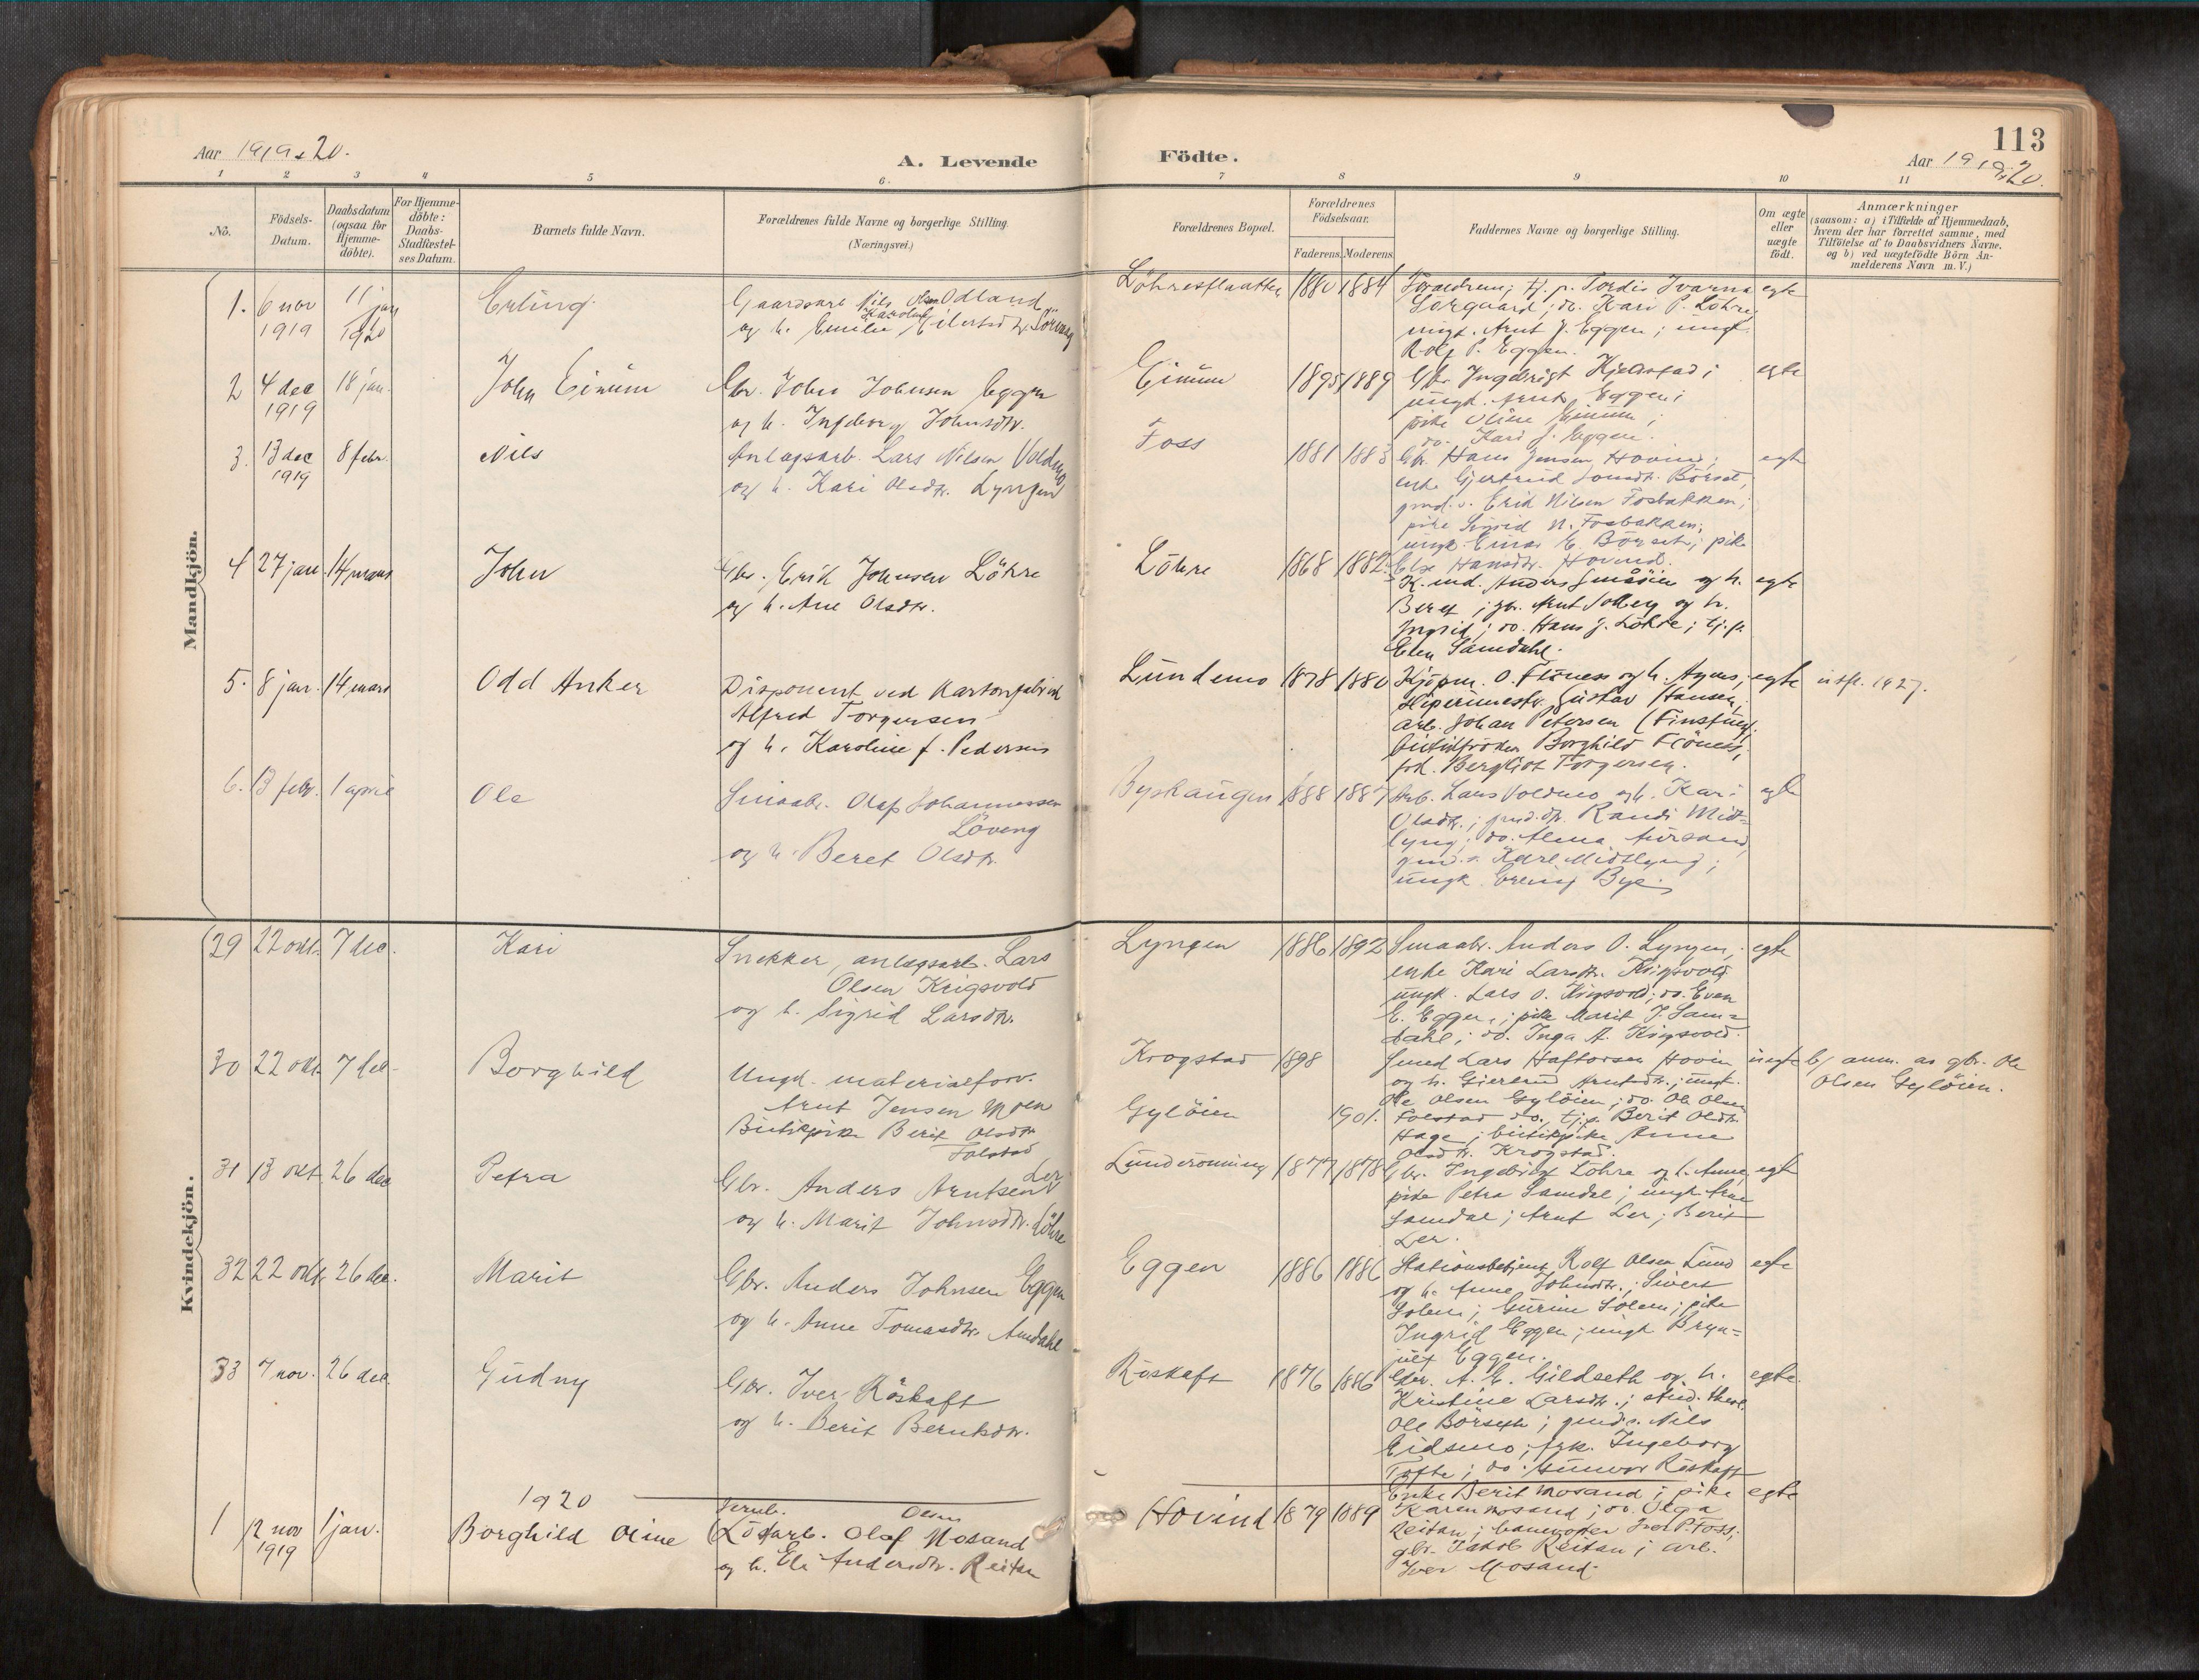 SAT, Ministerialprotokoller, klokkerbøker og fødselsregistre - Sør-Trøndelag, 692/L1105b: Ministerialbok nr. 692A06, 1891-1934, s. 113